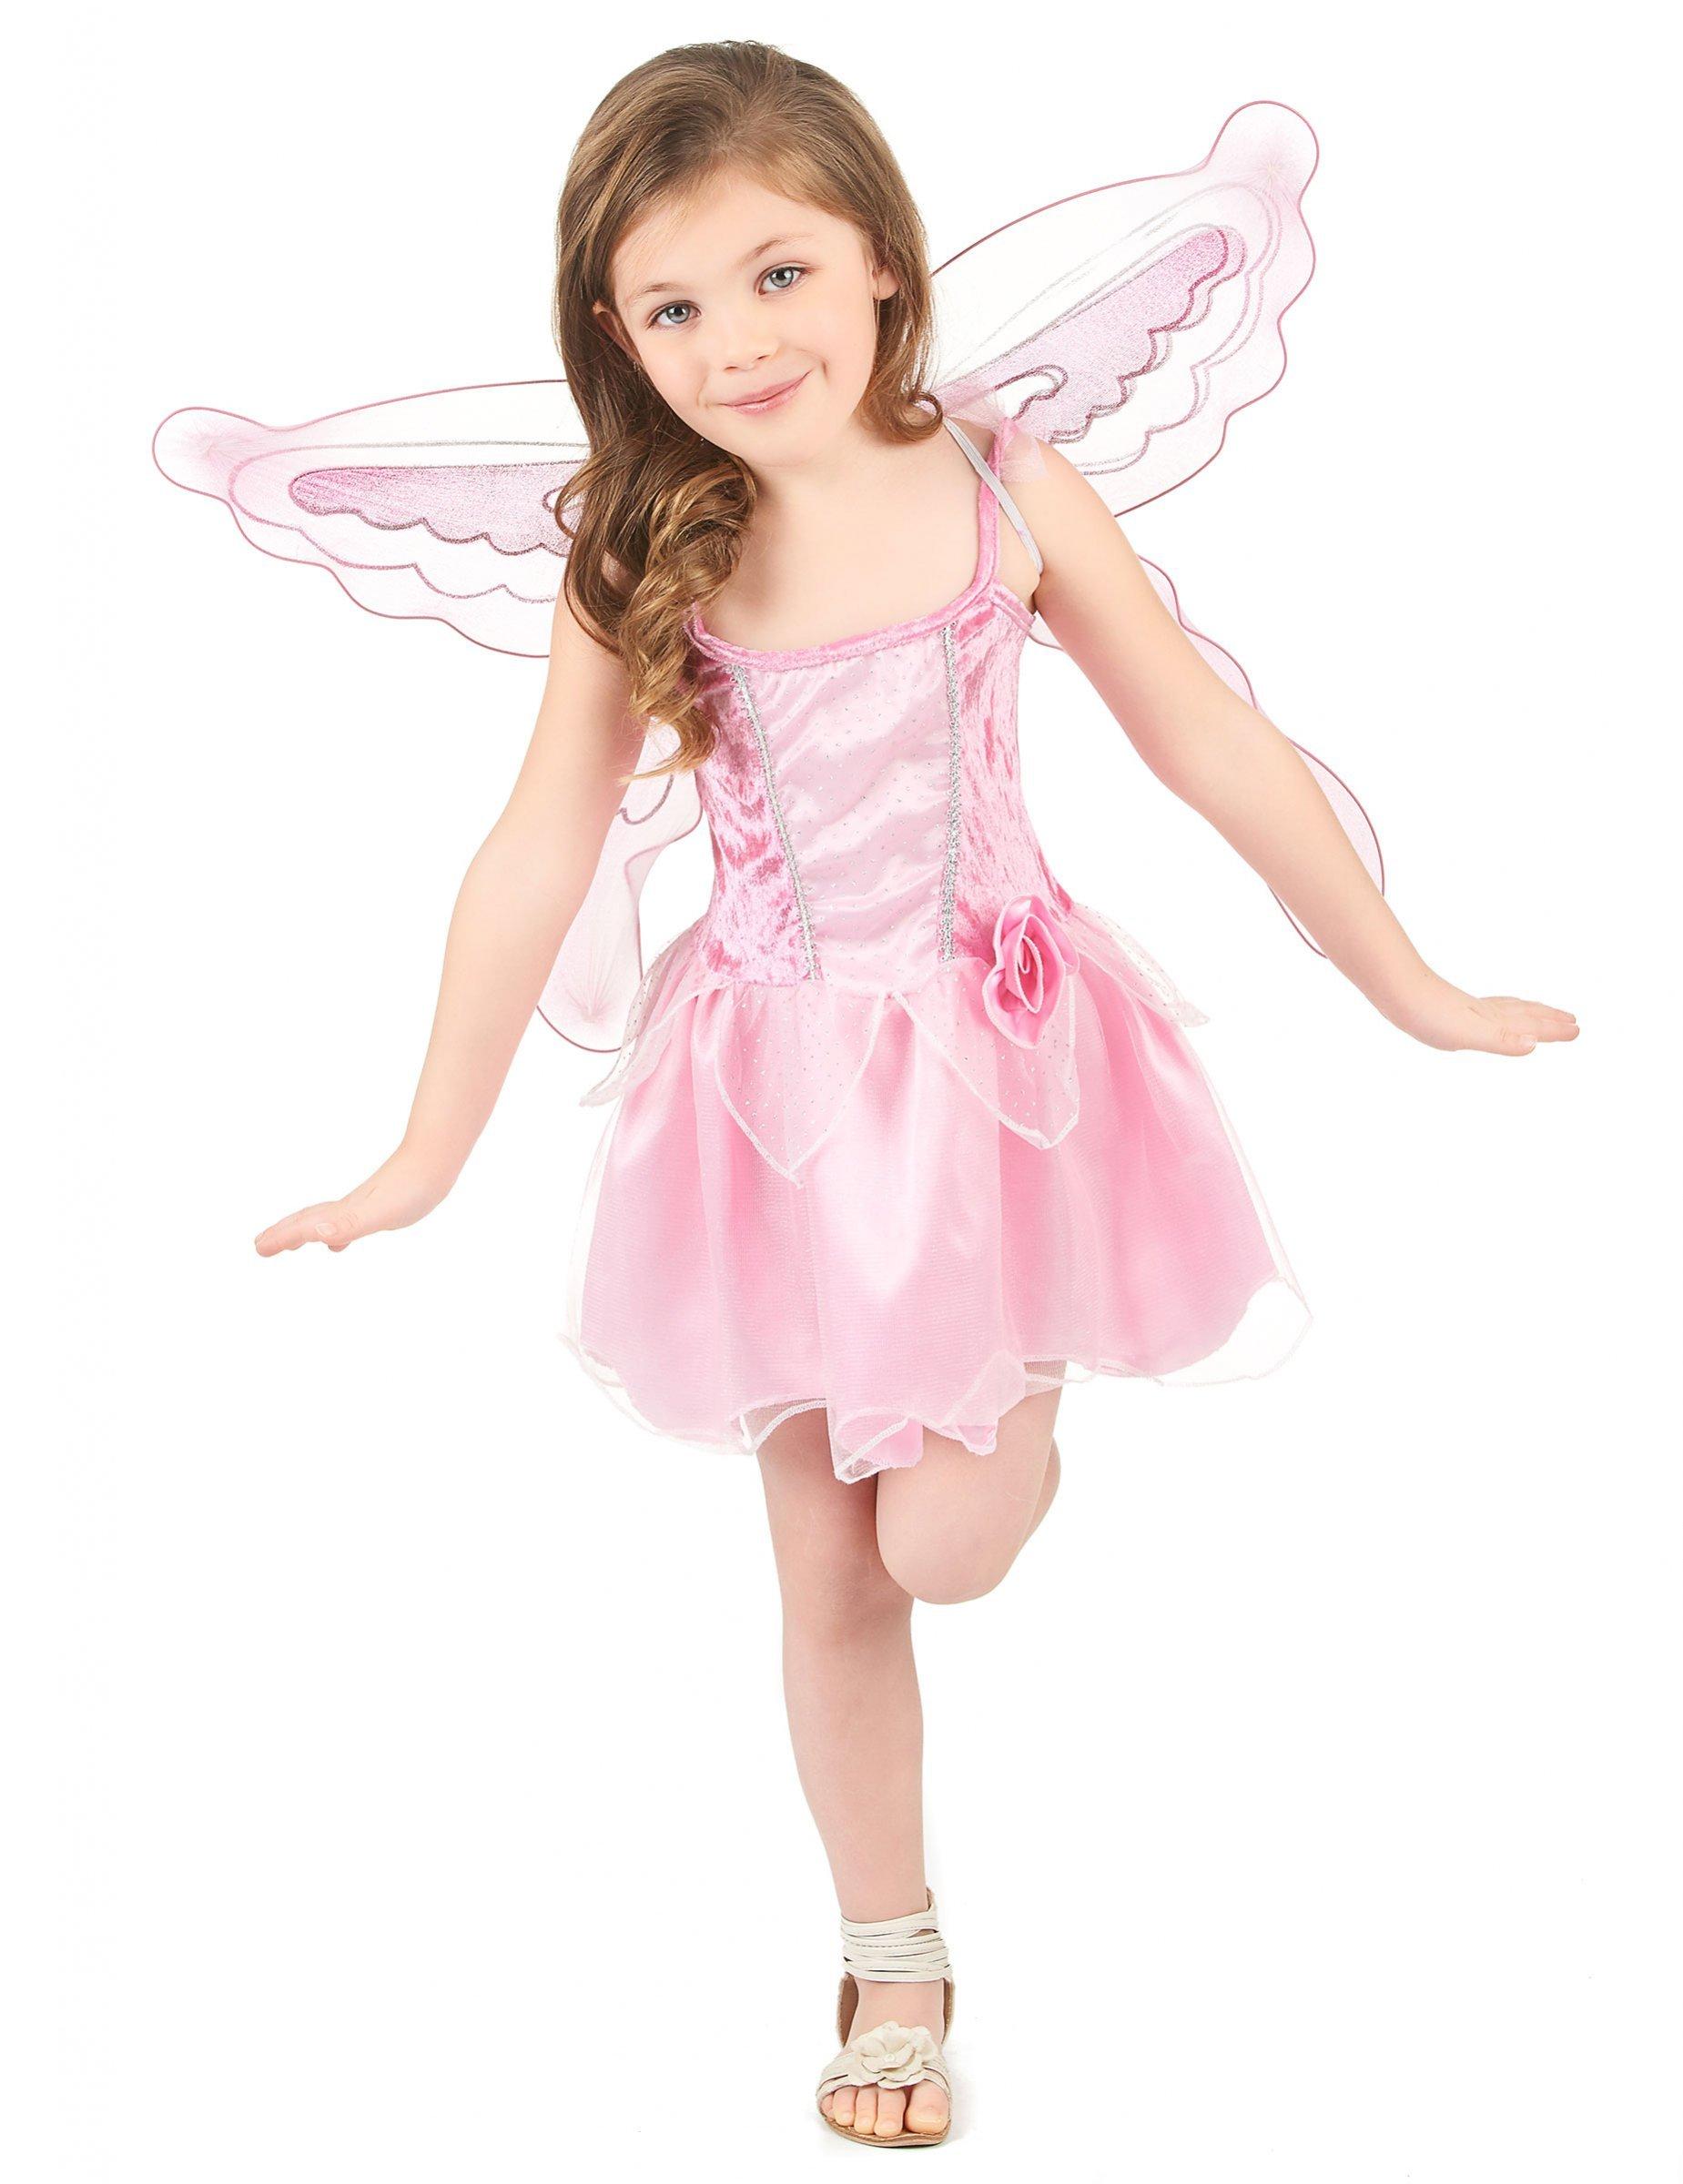 Schmetterlings Madchenkostum Fee Marchenkostum Rosa Gunstige